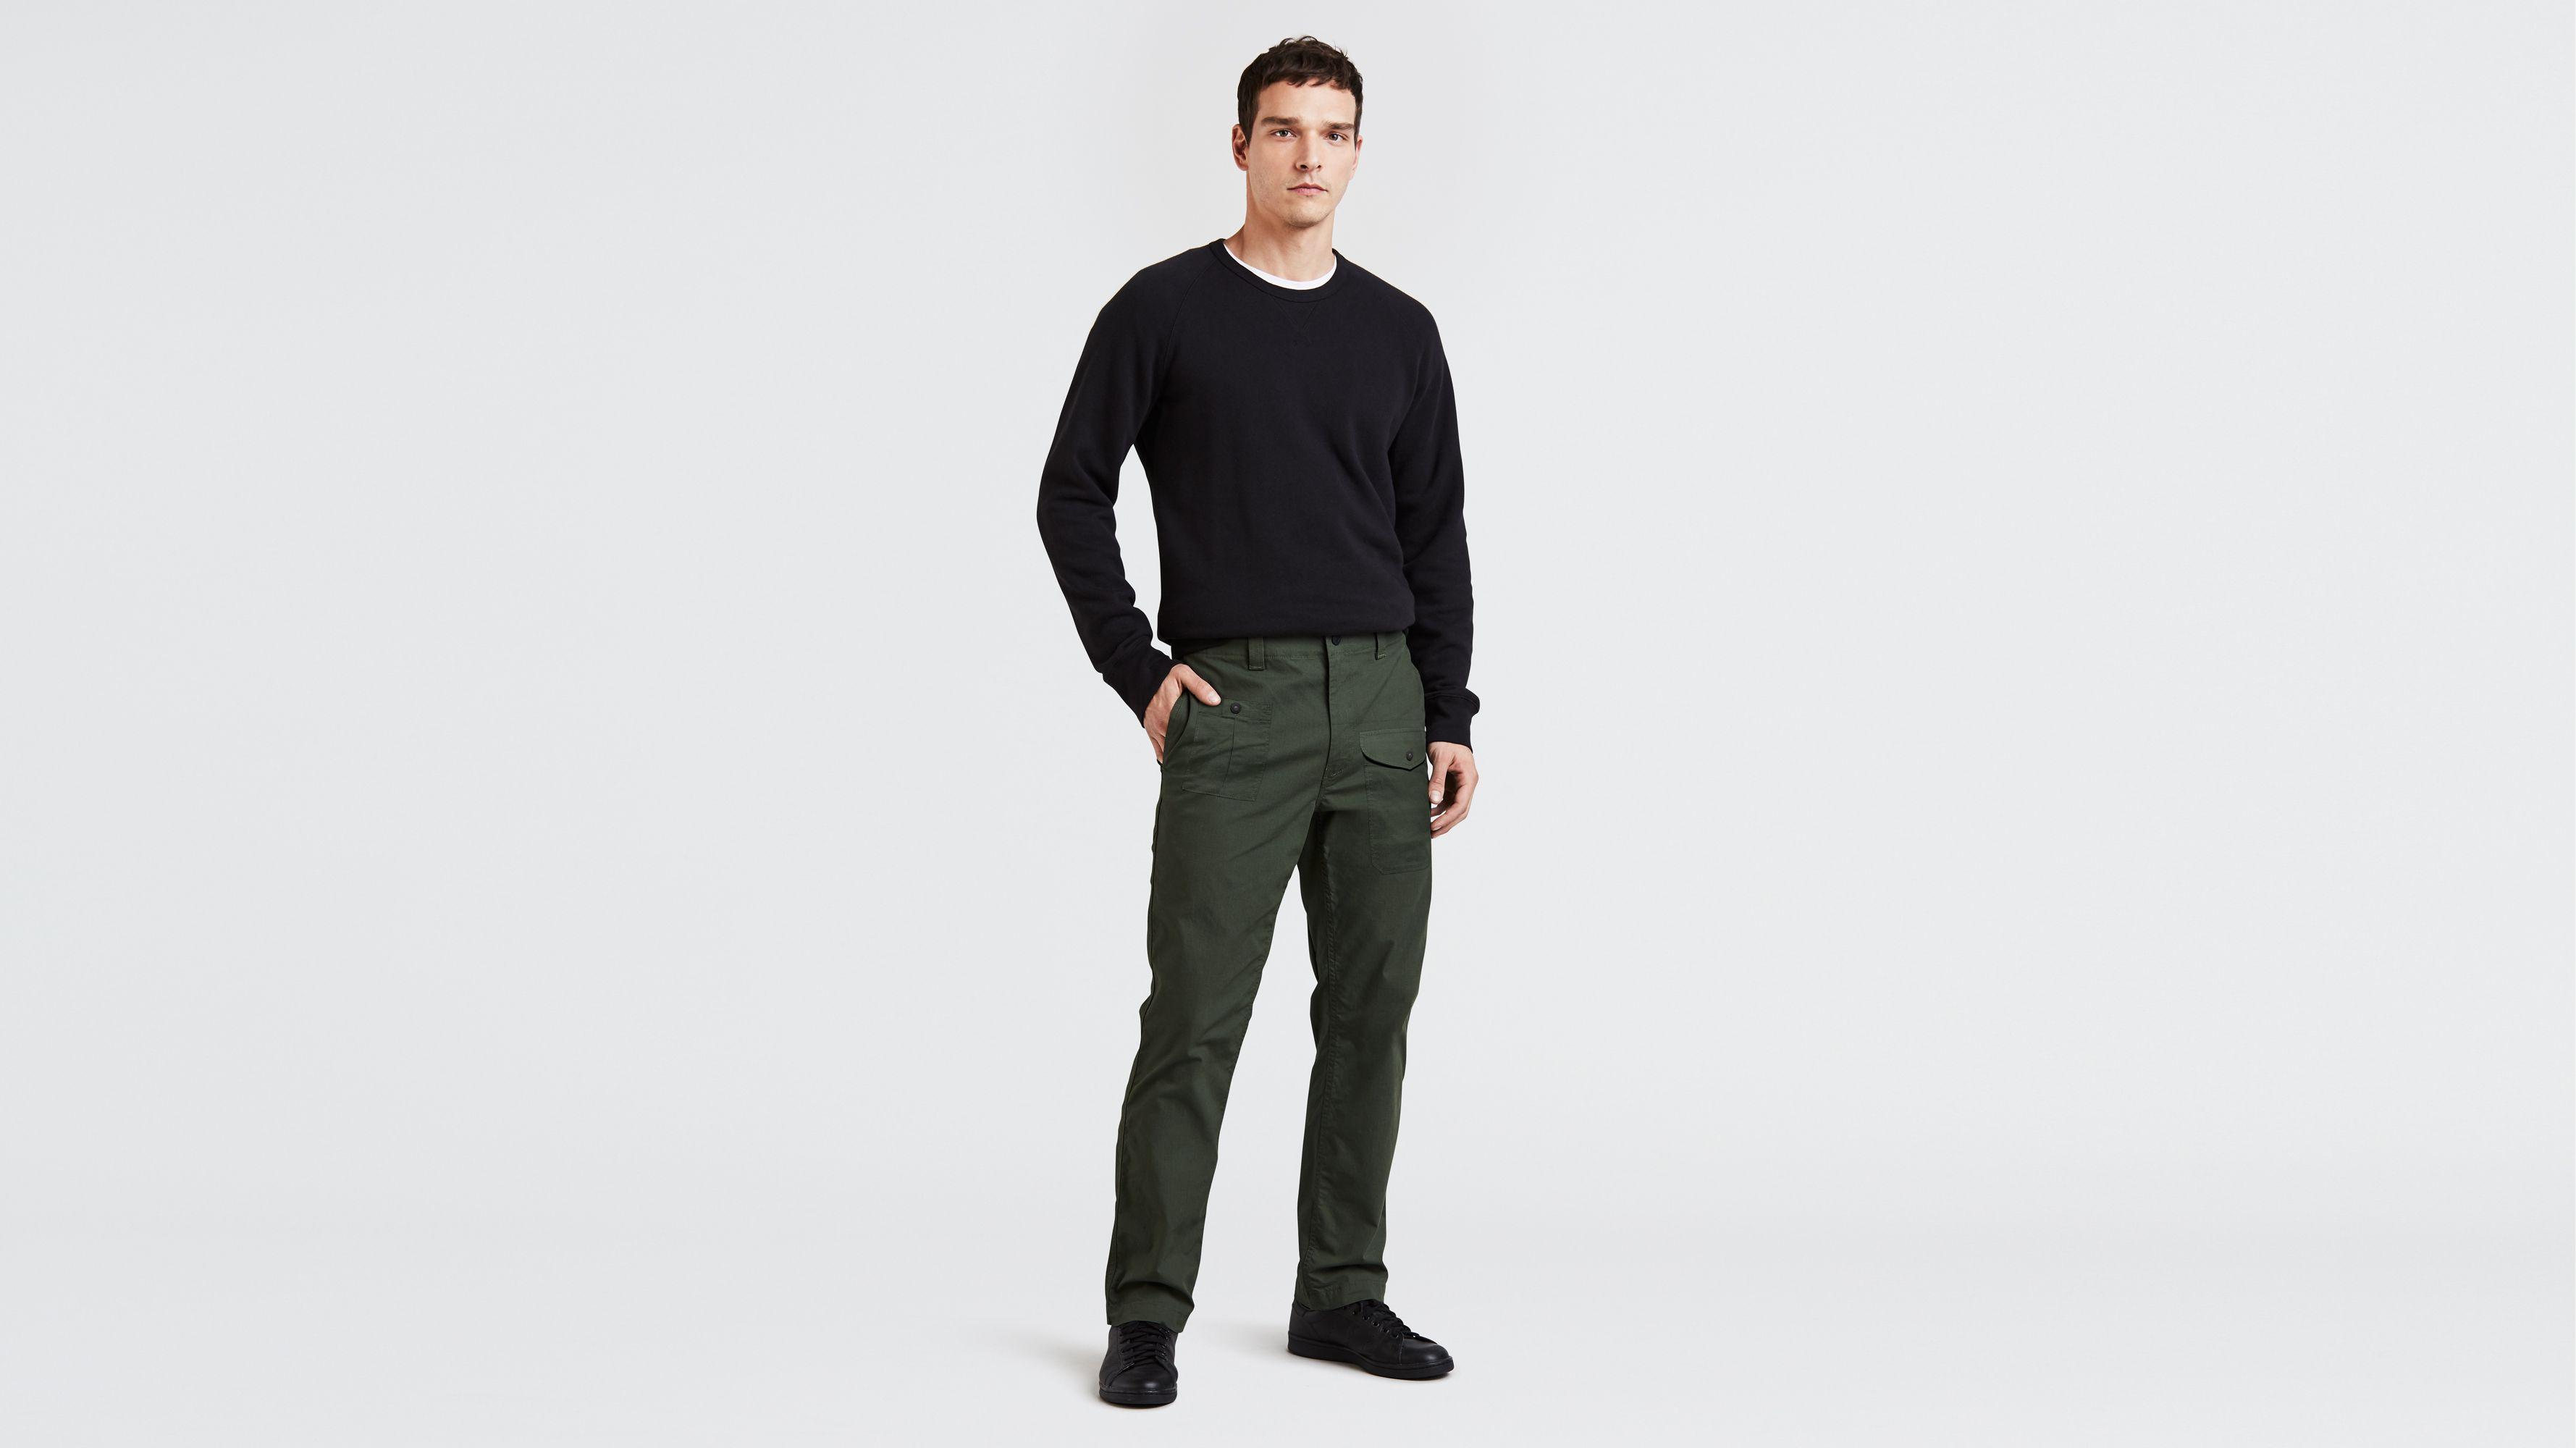 Clothes Levi's® Men's Get For Us Sale Deals On Clothing BxSHv